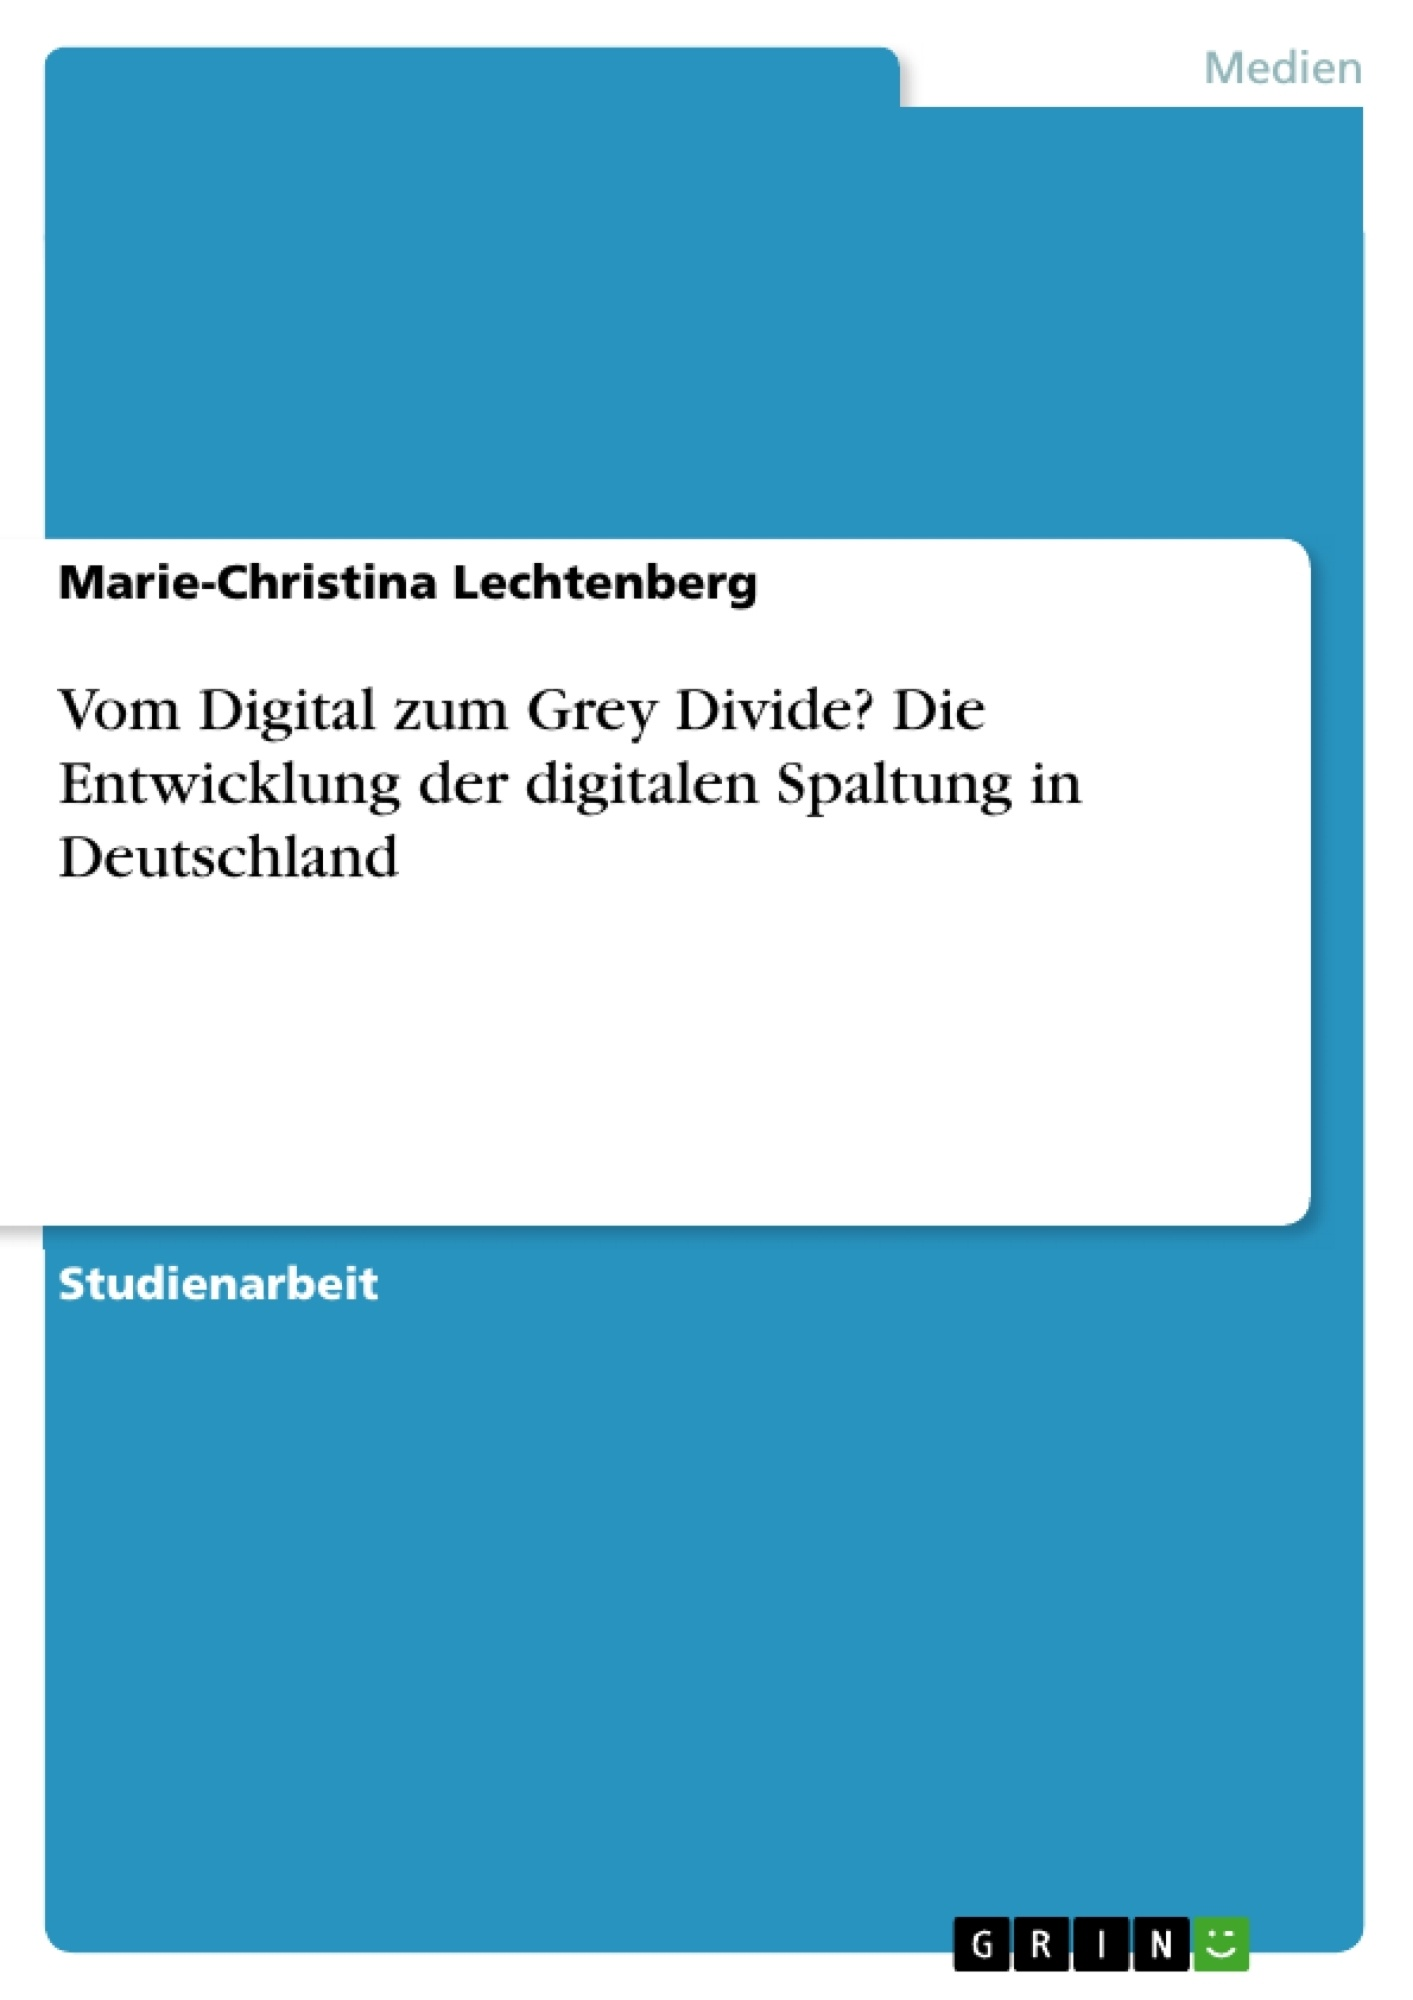 Titel: Vom Digital zum Grey Divide? Die Entwicklung der digitalen Spaltung in Deutschland